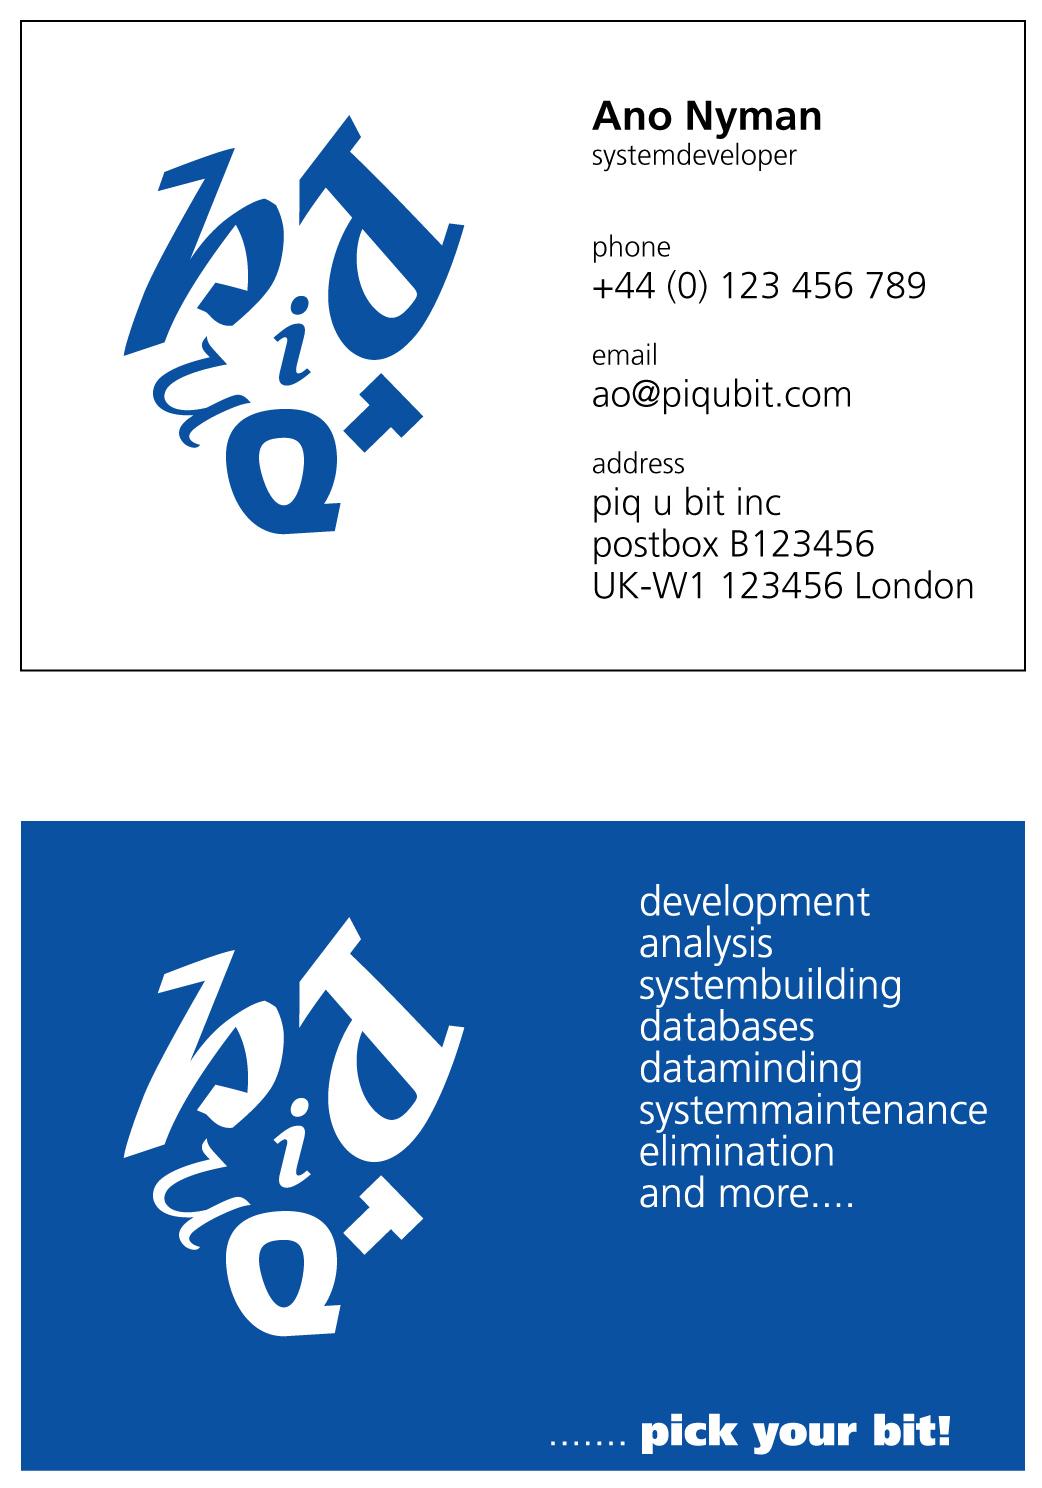 piq u bit, businesscard